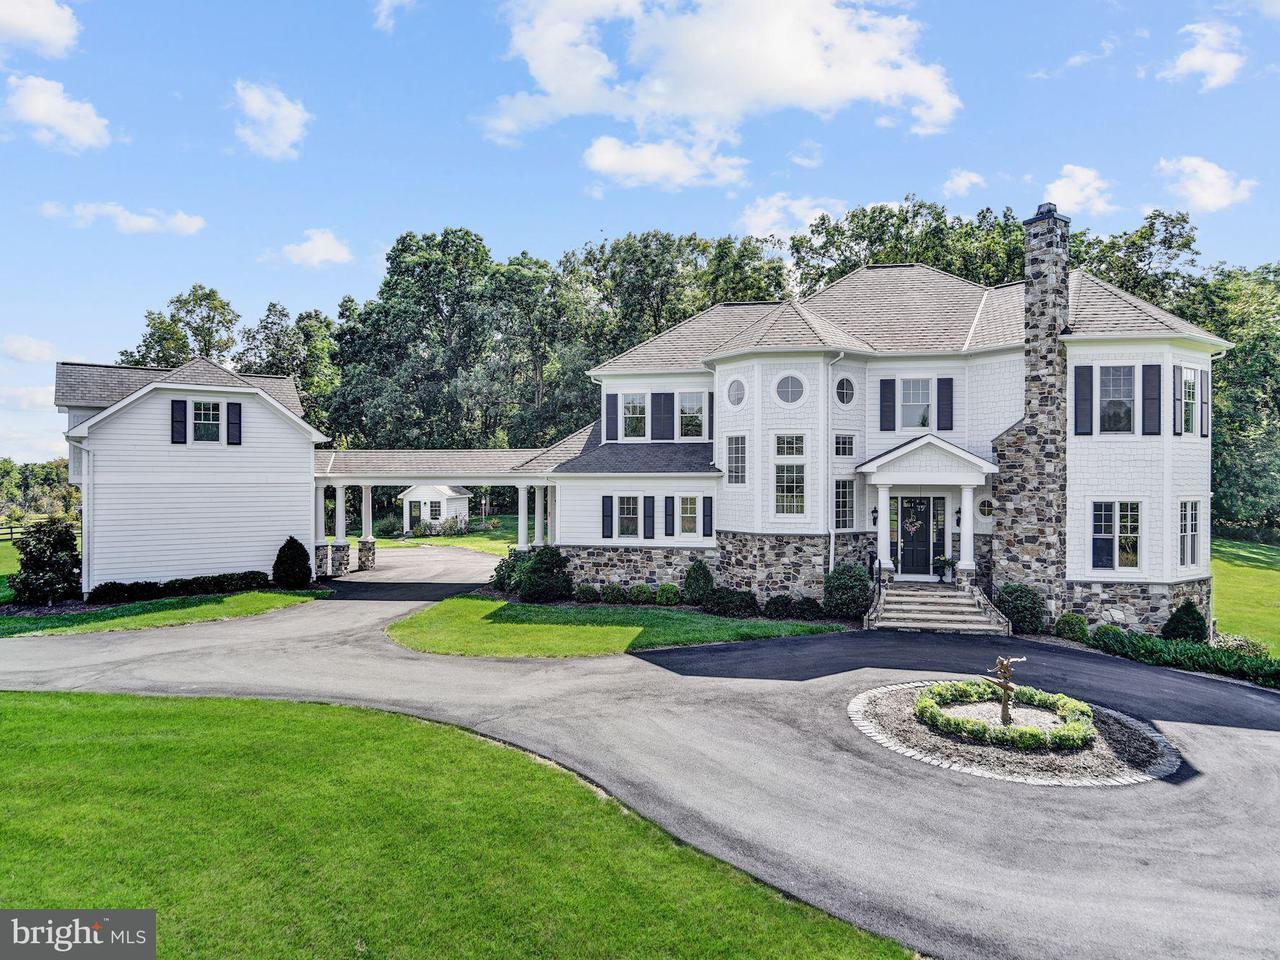 Maison unifamiliale pour l Vente à 14301 FREDERICK Road 14301 FREDERICK Road Cooksville, Maryland 21723 États-Unis